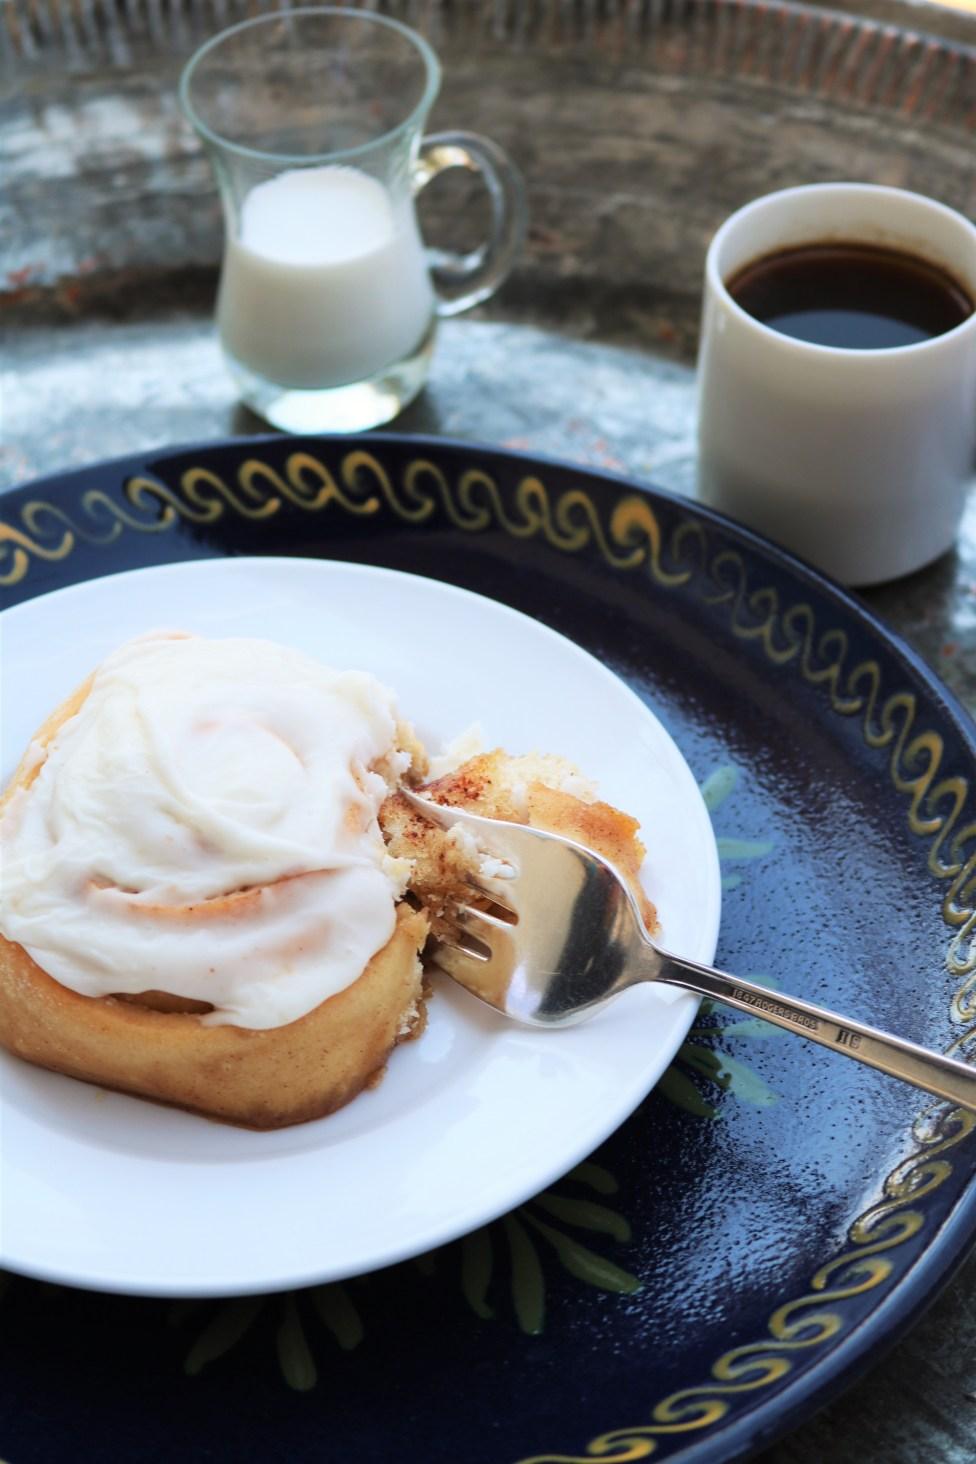 Cinnamon roll and espresso